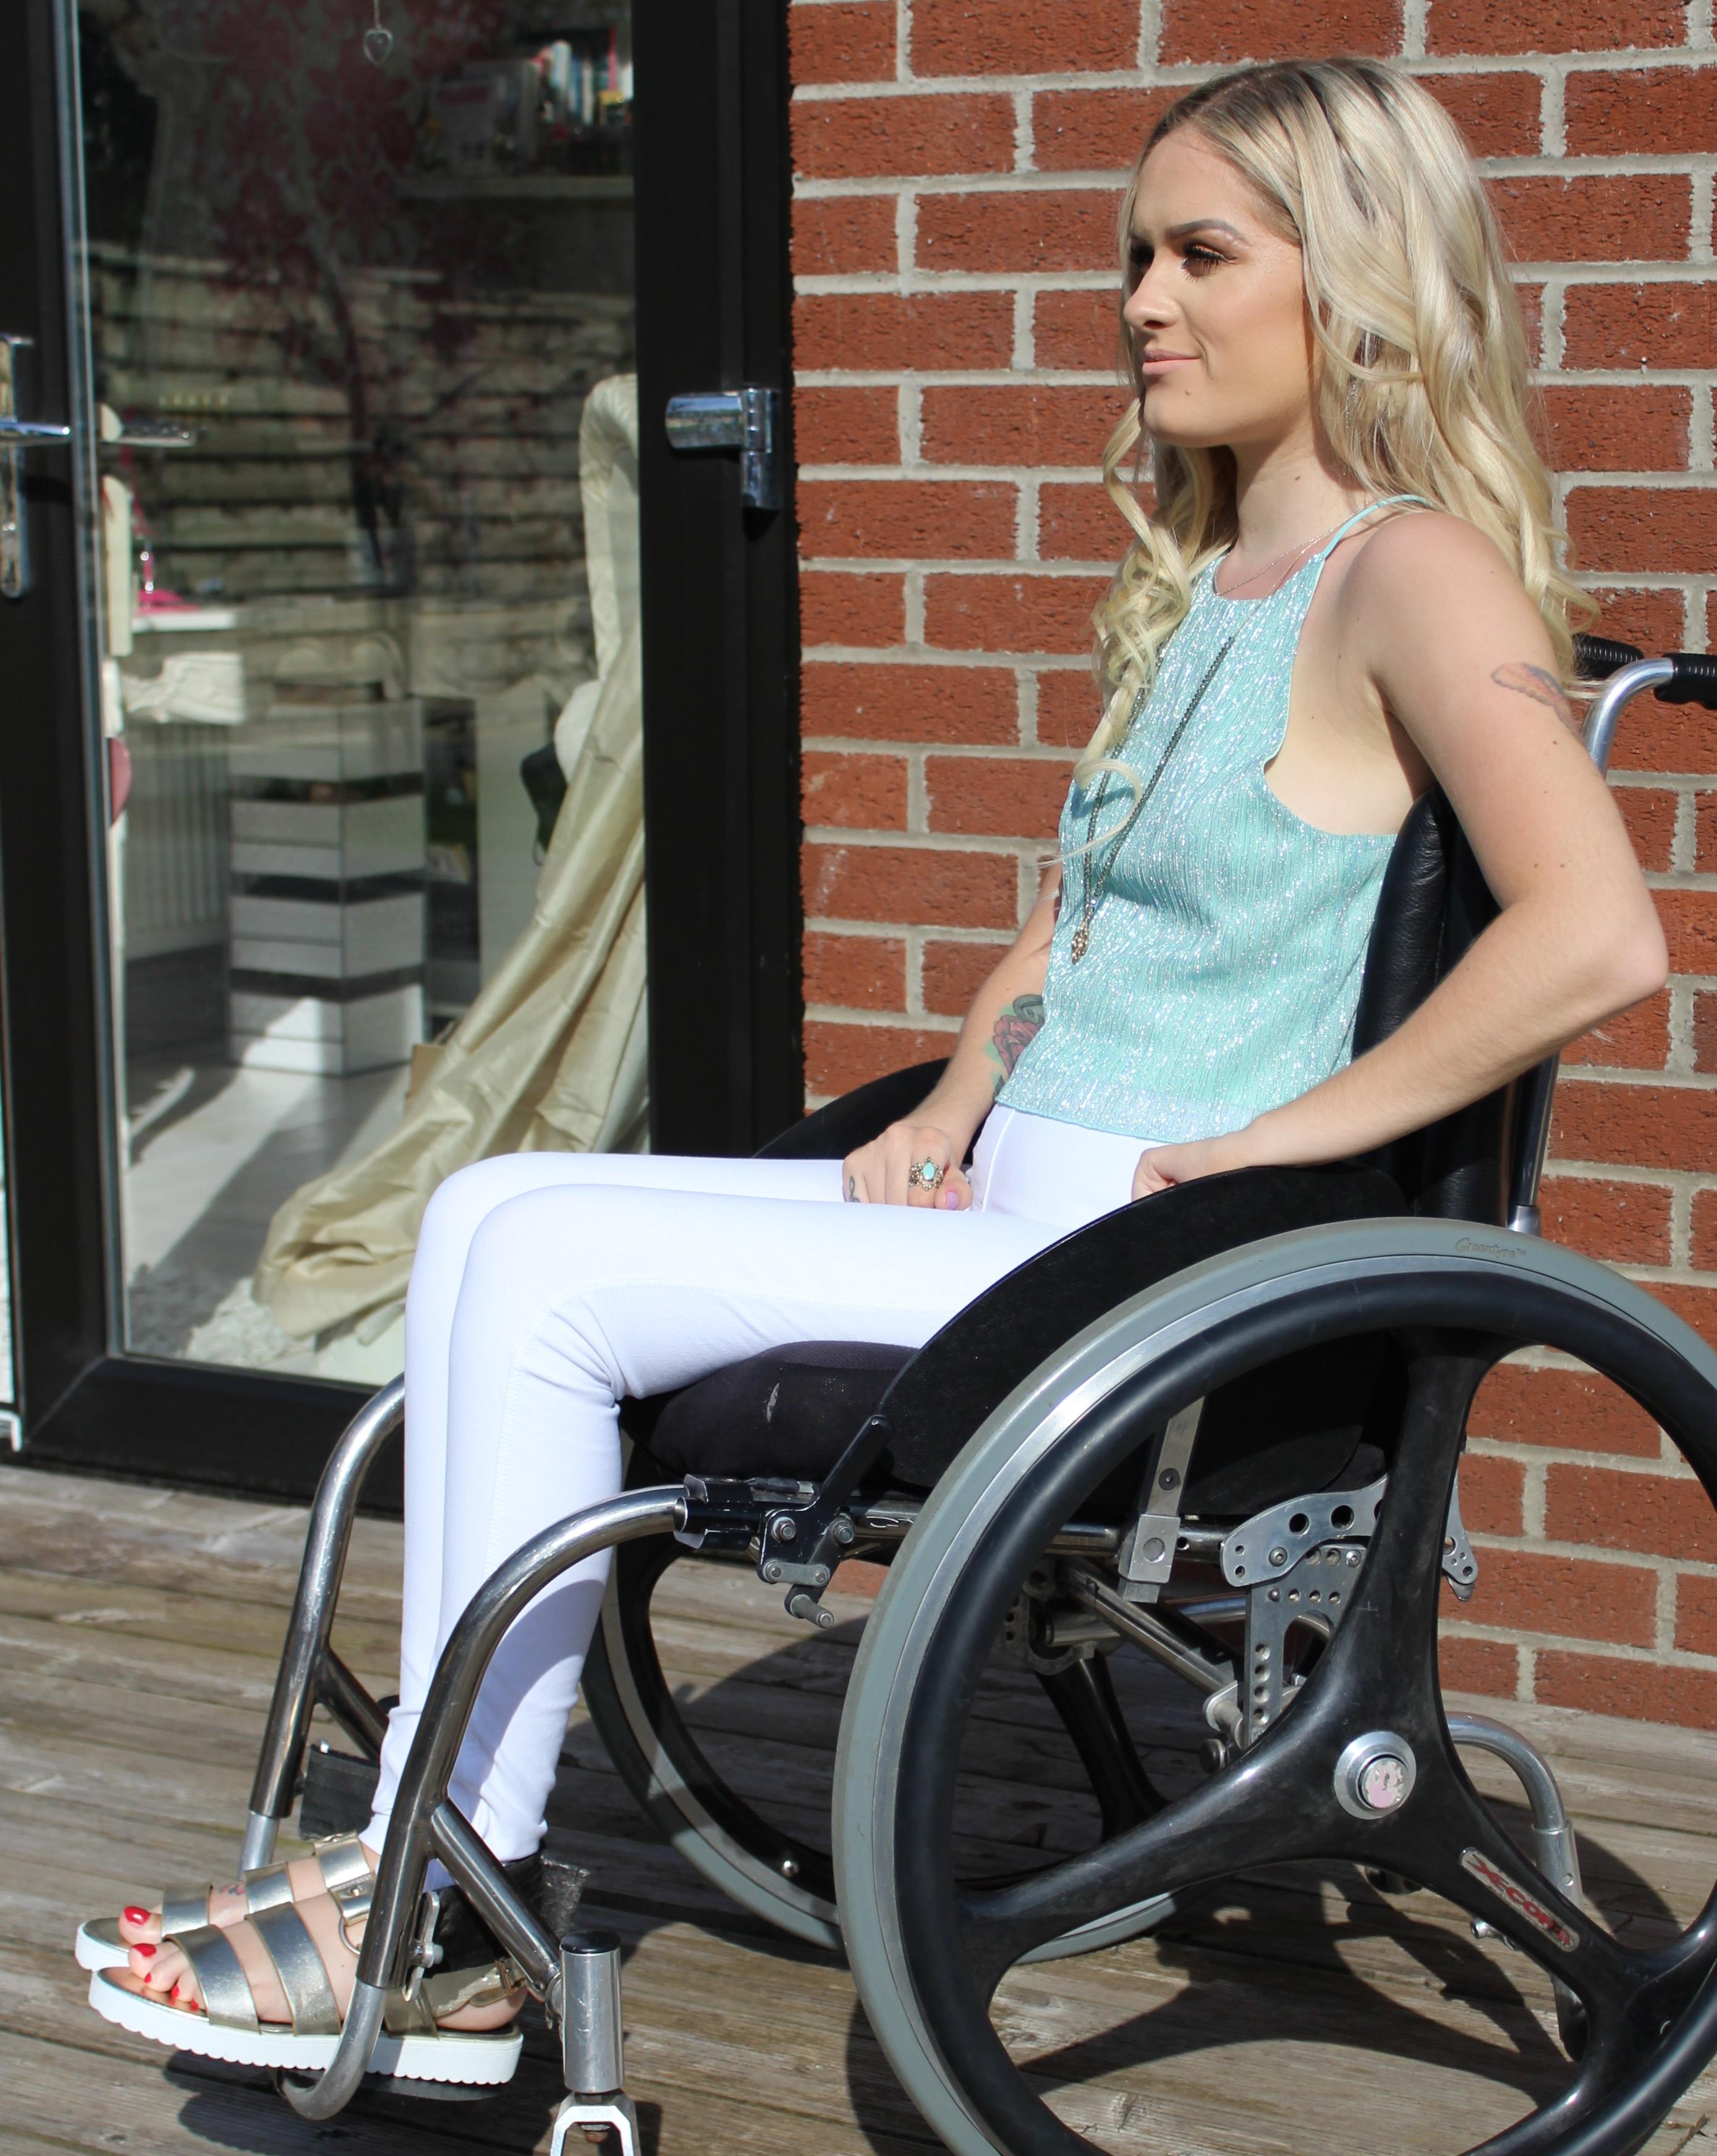 Tetraplegic Jordan S Beautiful Life